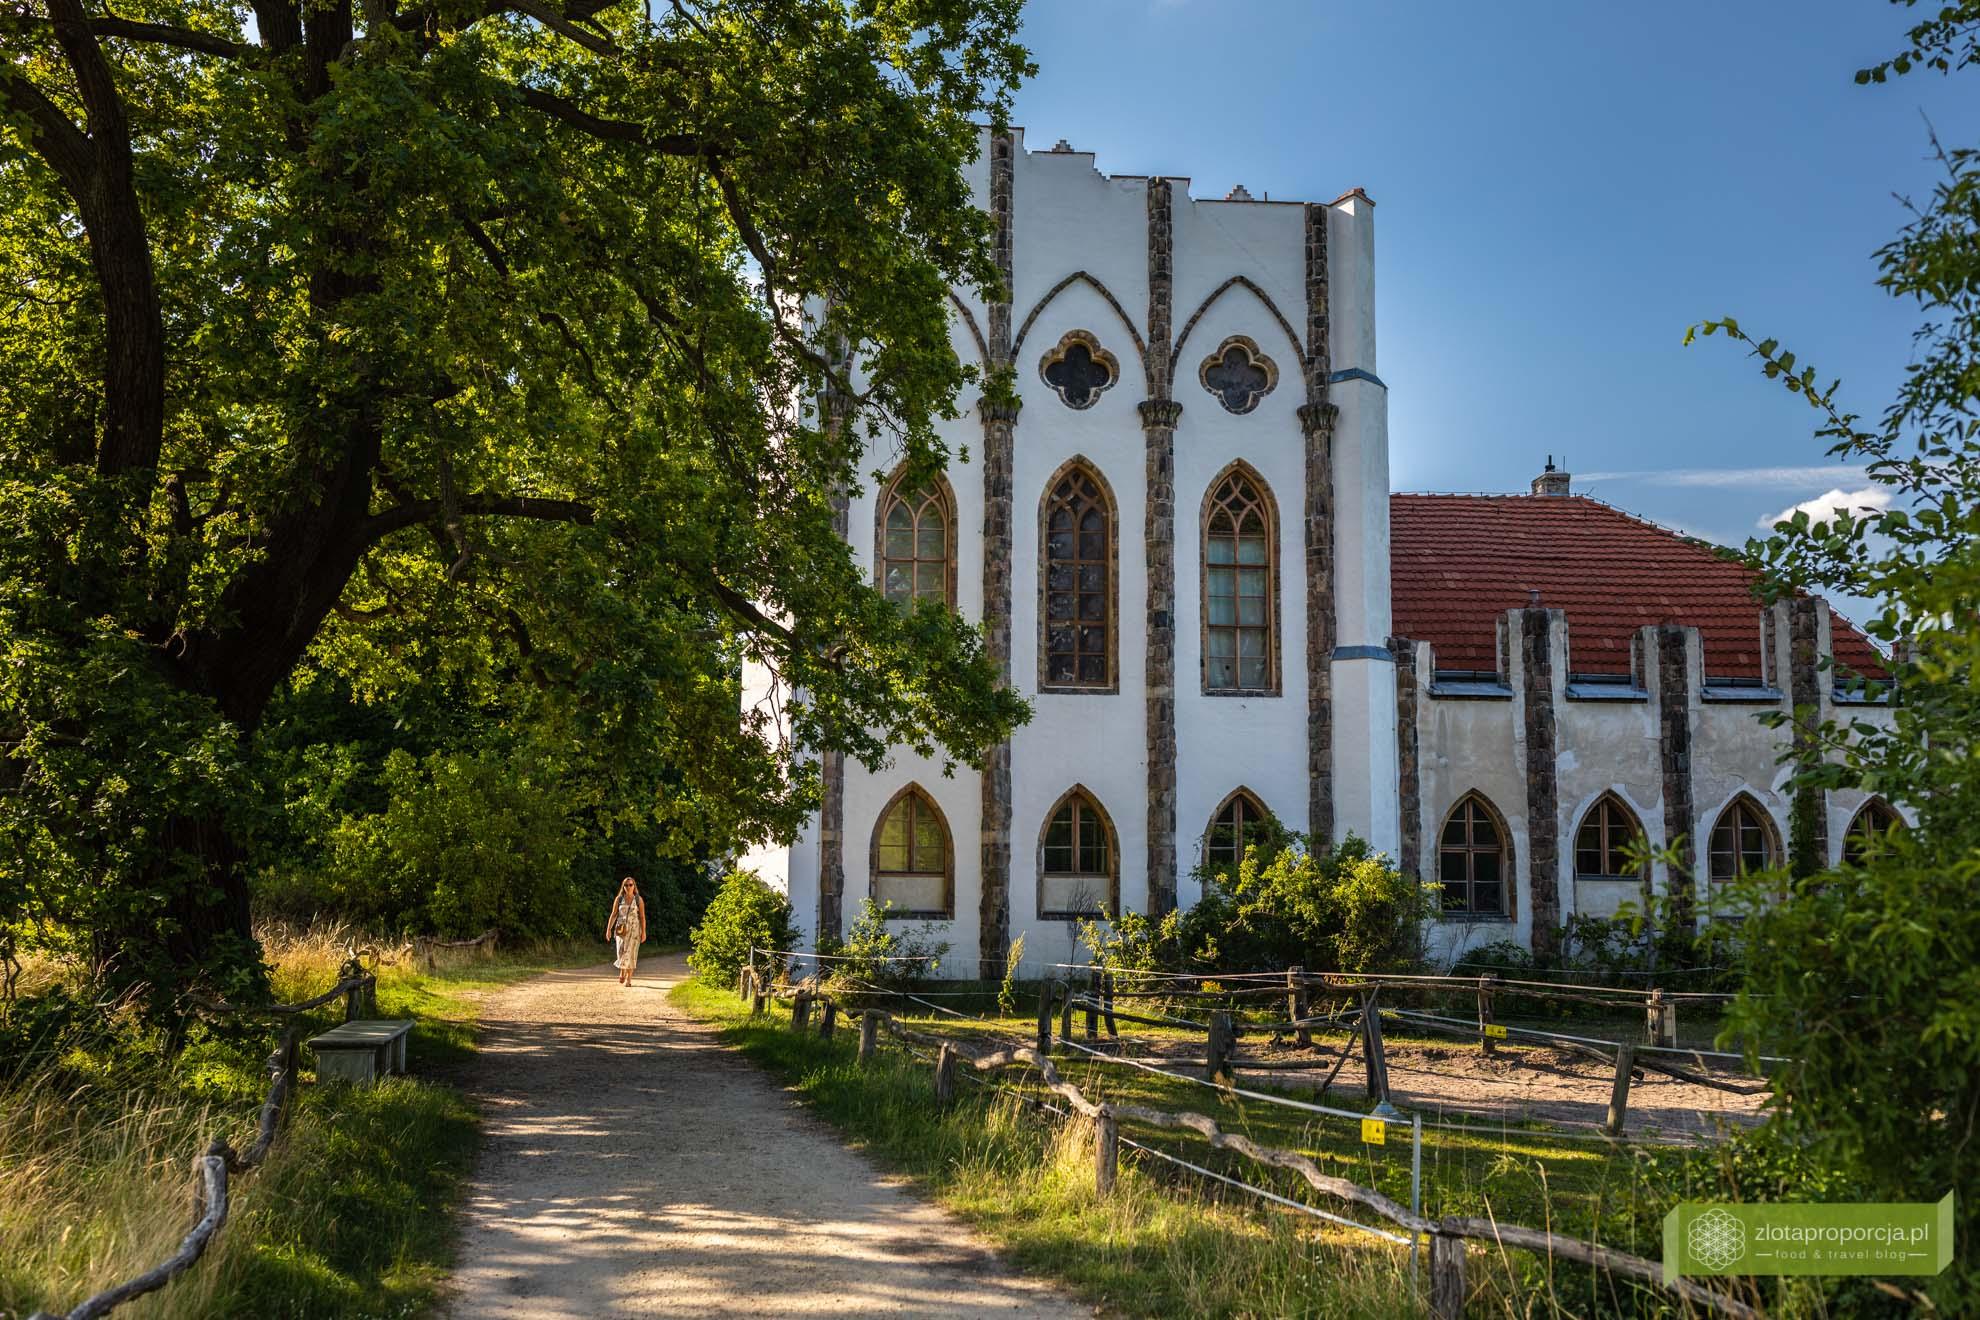 Berlin; Steglitz-Zehlendorf; atrakcje Berlina; Pawia Wyspa; pawie Berlin; Wannsee; Berlin Unesco; Unesco; Pfaueninsel; mleczarnia Pawia wyspa